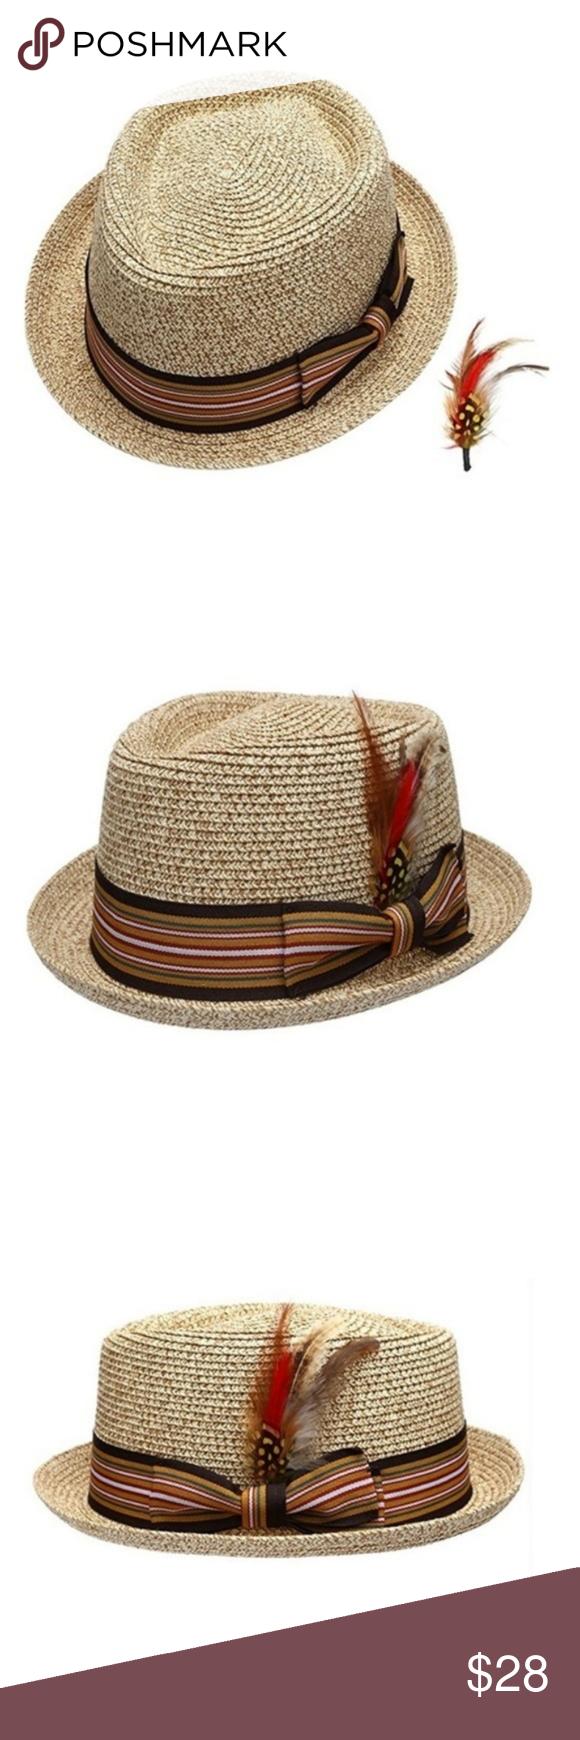 df234ea30b2f7 Men s Natural Color Straw Fedora Hat Men s Natural Color Straw Fedora Hat.  Features- Rounded